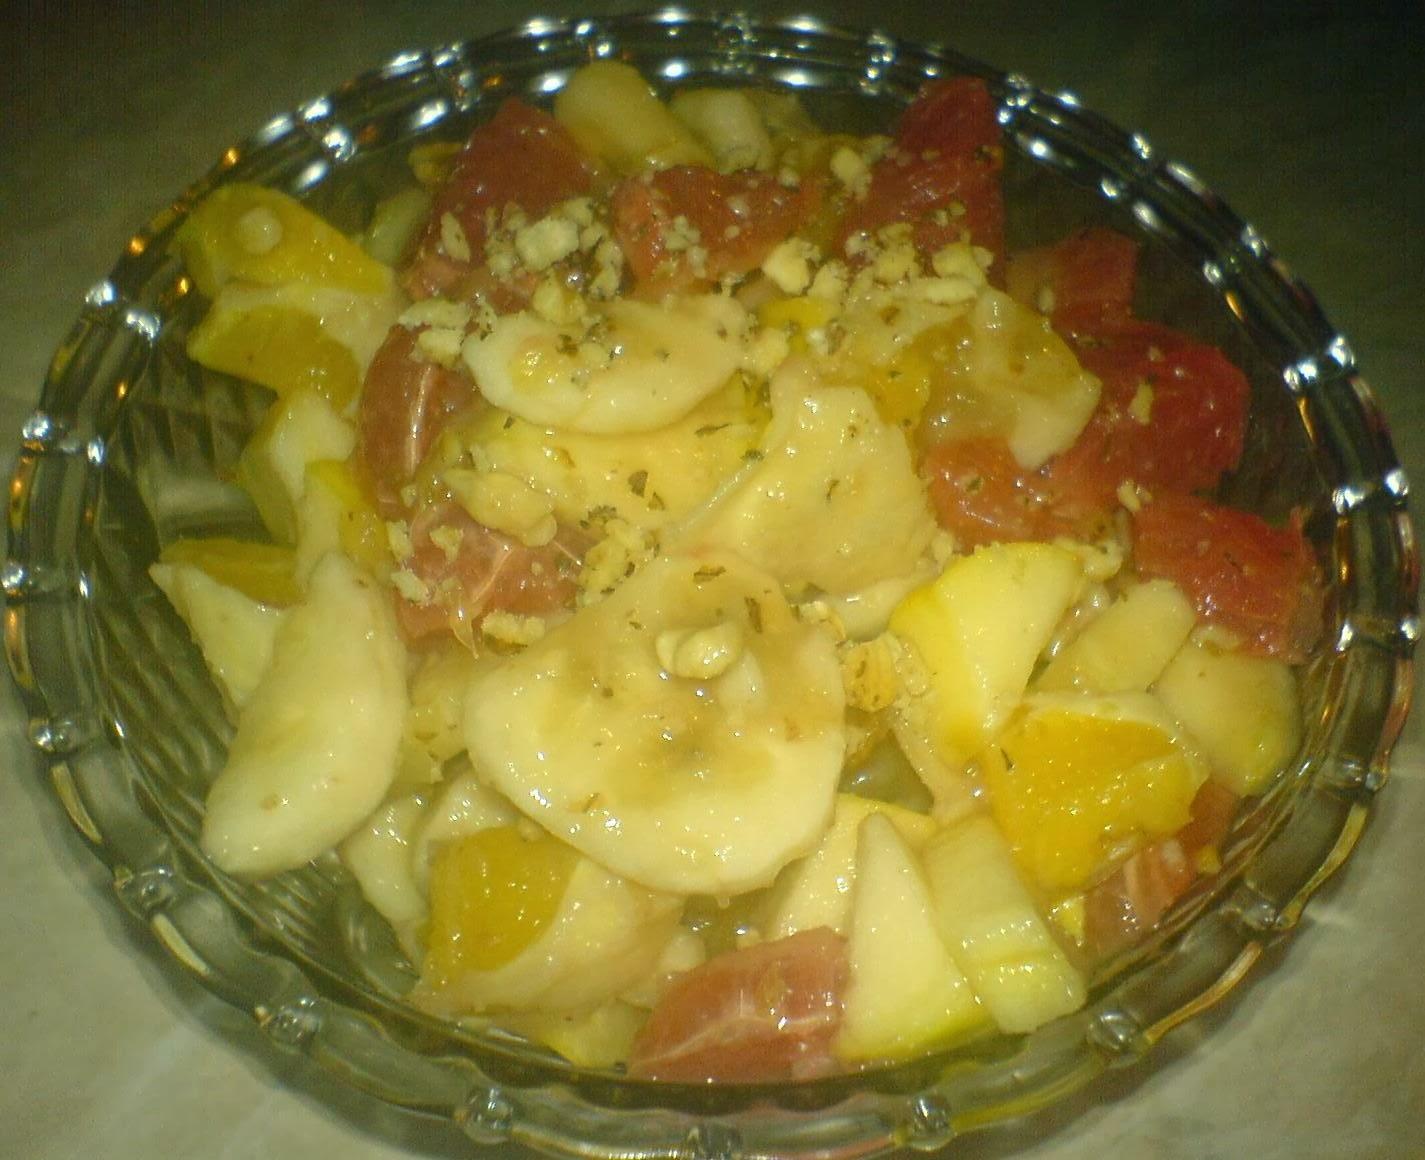 salate, salata, salata de fructe, retete cu fructe, preparate din fructe, retete de salate, retete salate, salate retete, salate pentru intalniri romantice, retete pentru valentine's day, retete pentru dragobete, retete pentru ziua femeii, salate cu fructe, retete culinare,